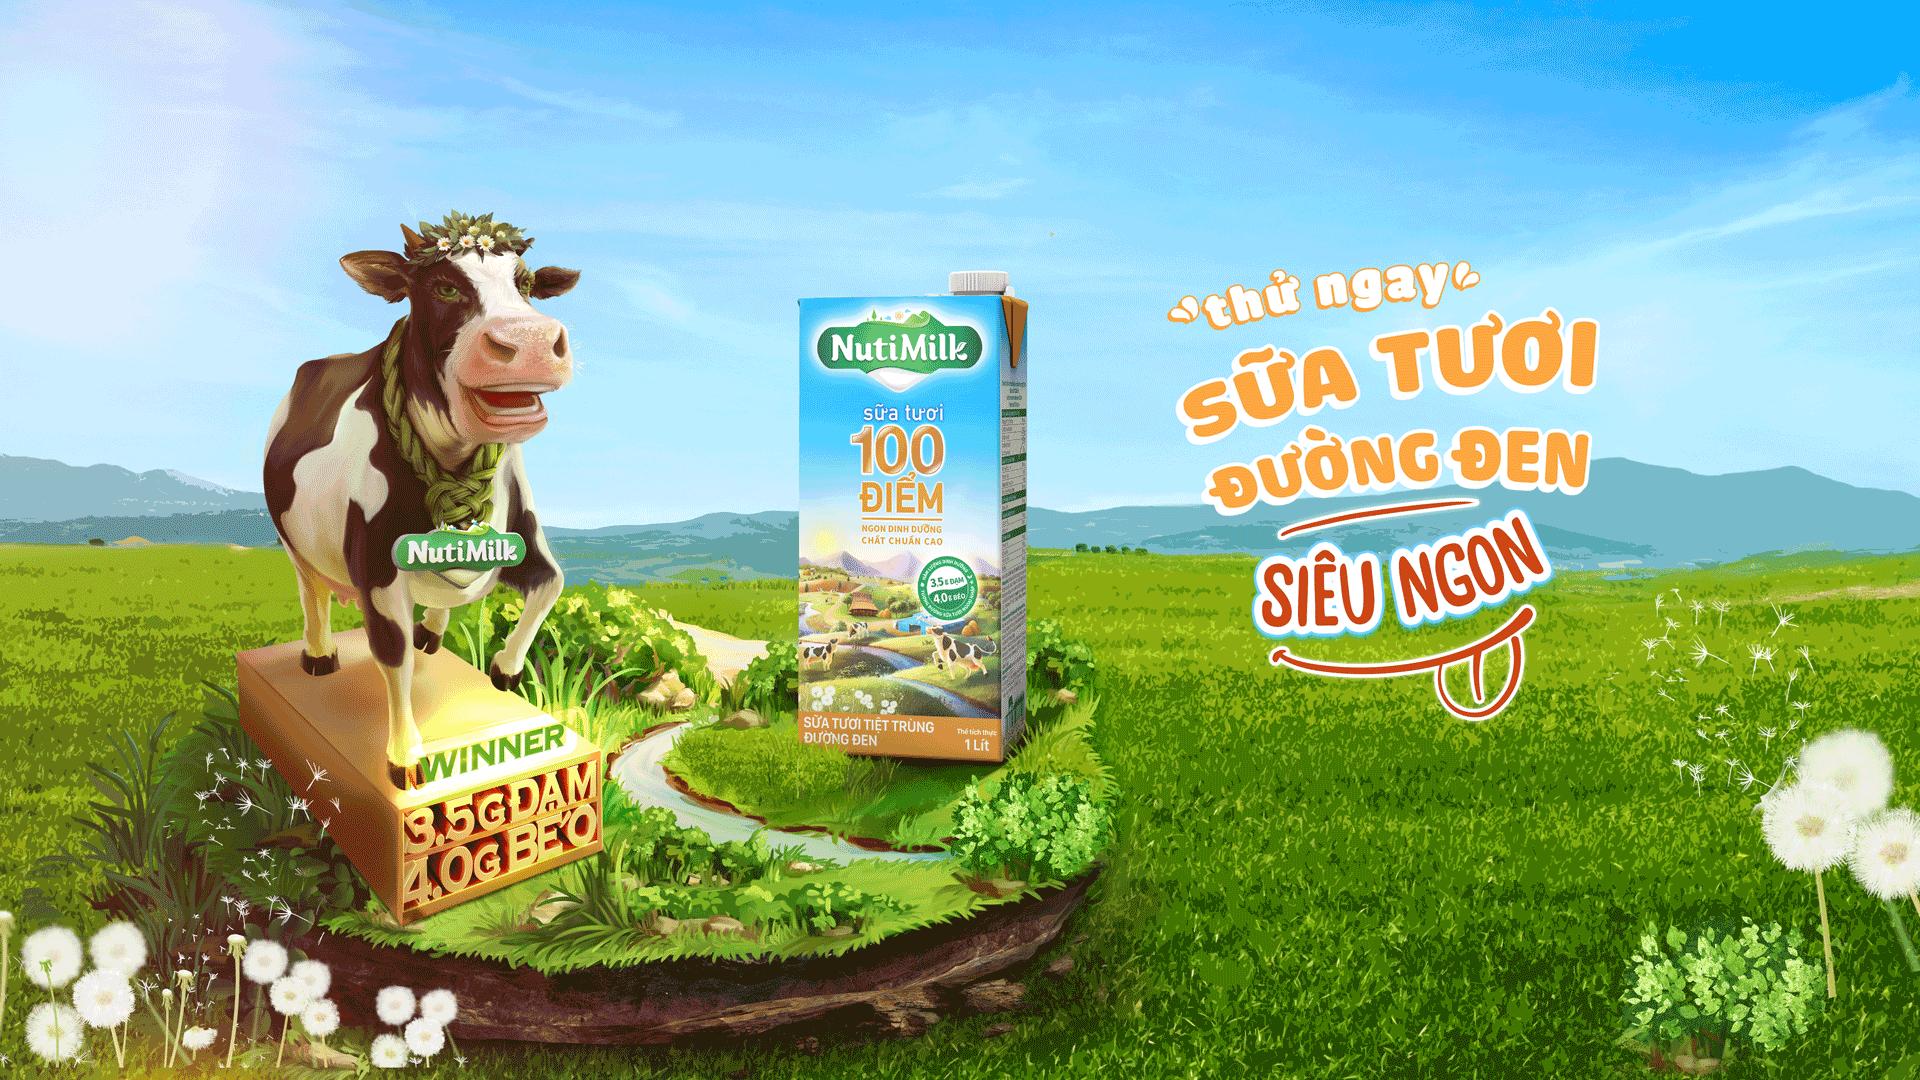 Thử ngay sữa tươi đường đen NutiMilk siêu ngon!